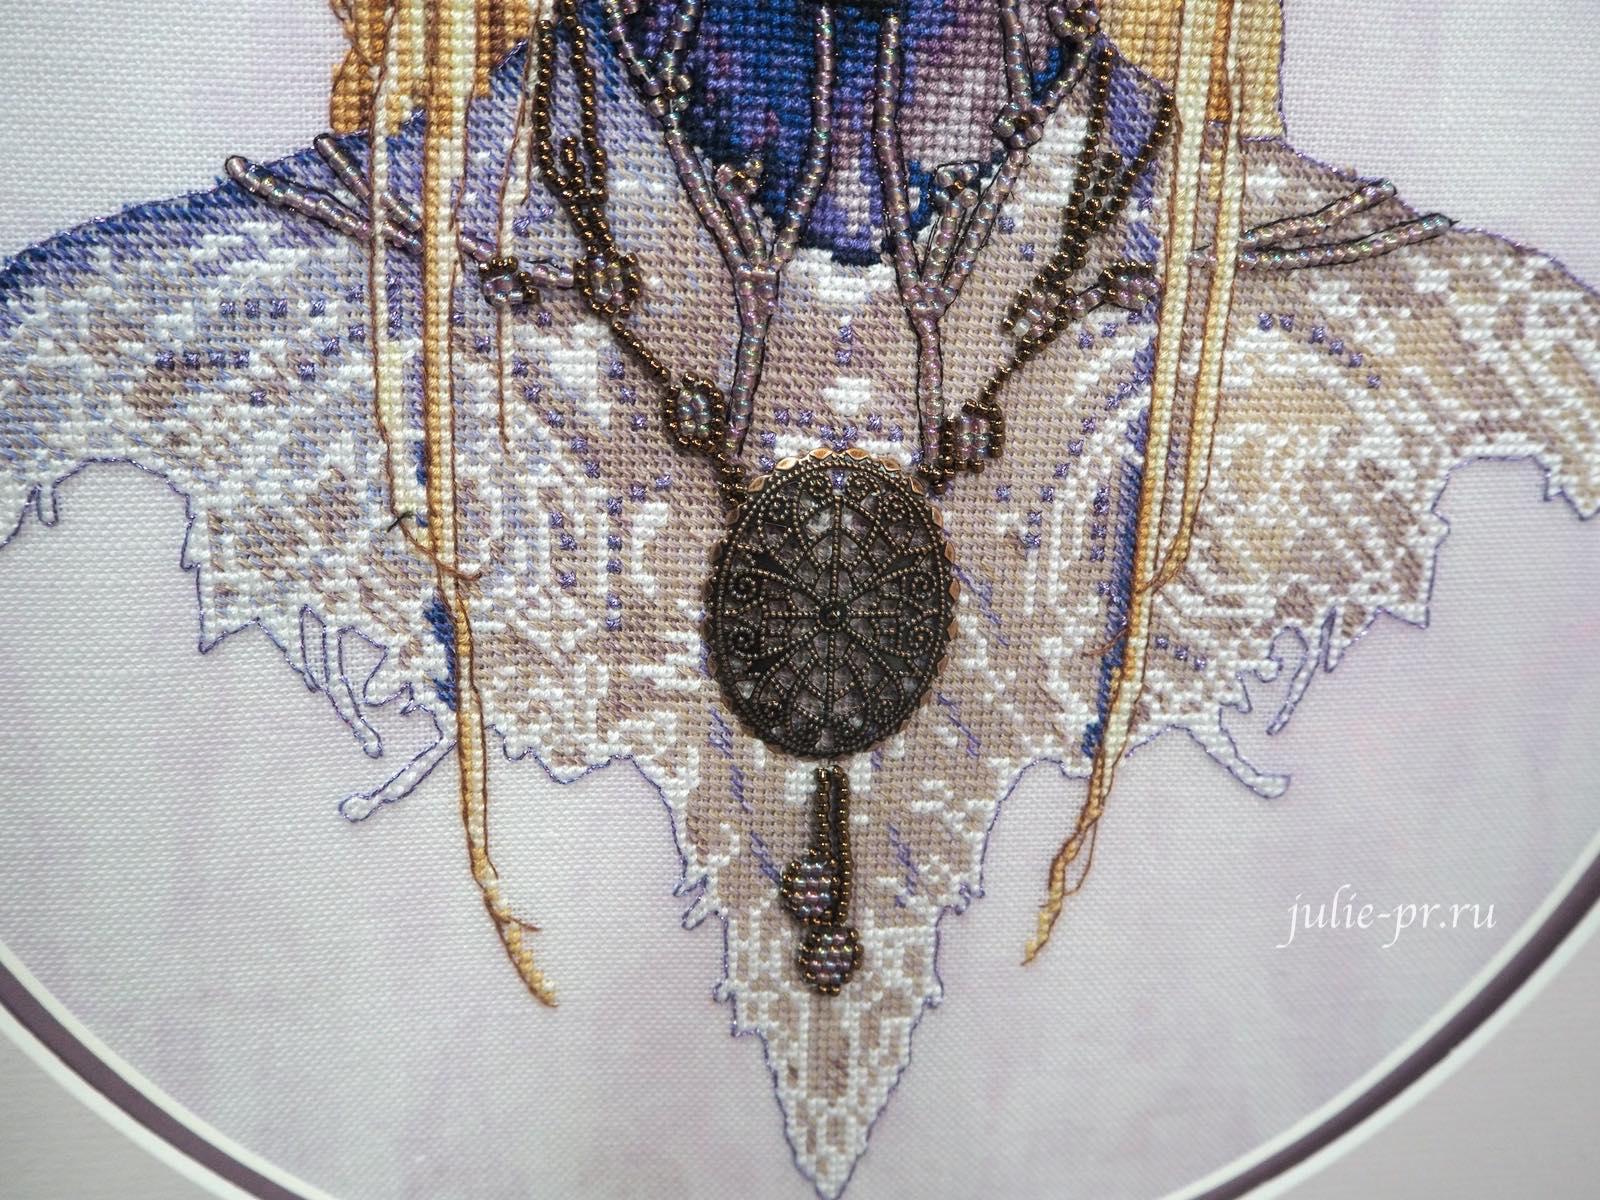 вышивка крестом, Nimue, Victoria, Виктория